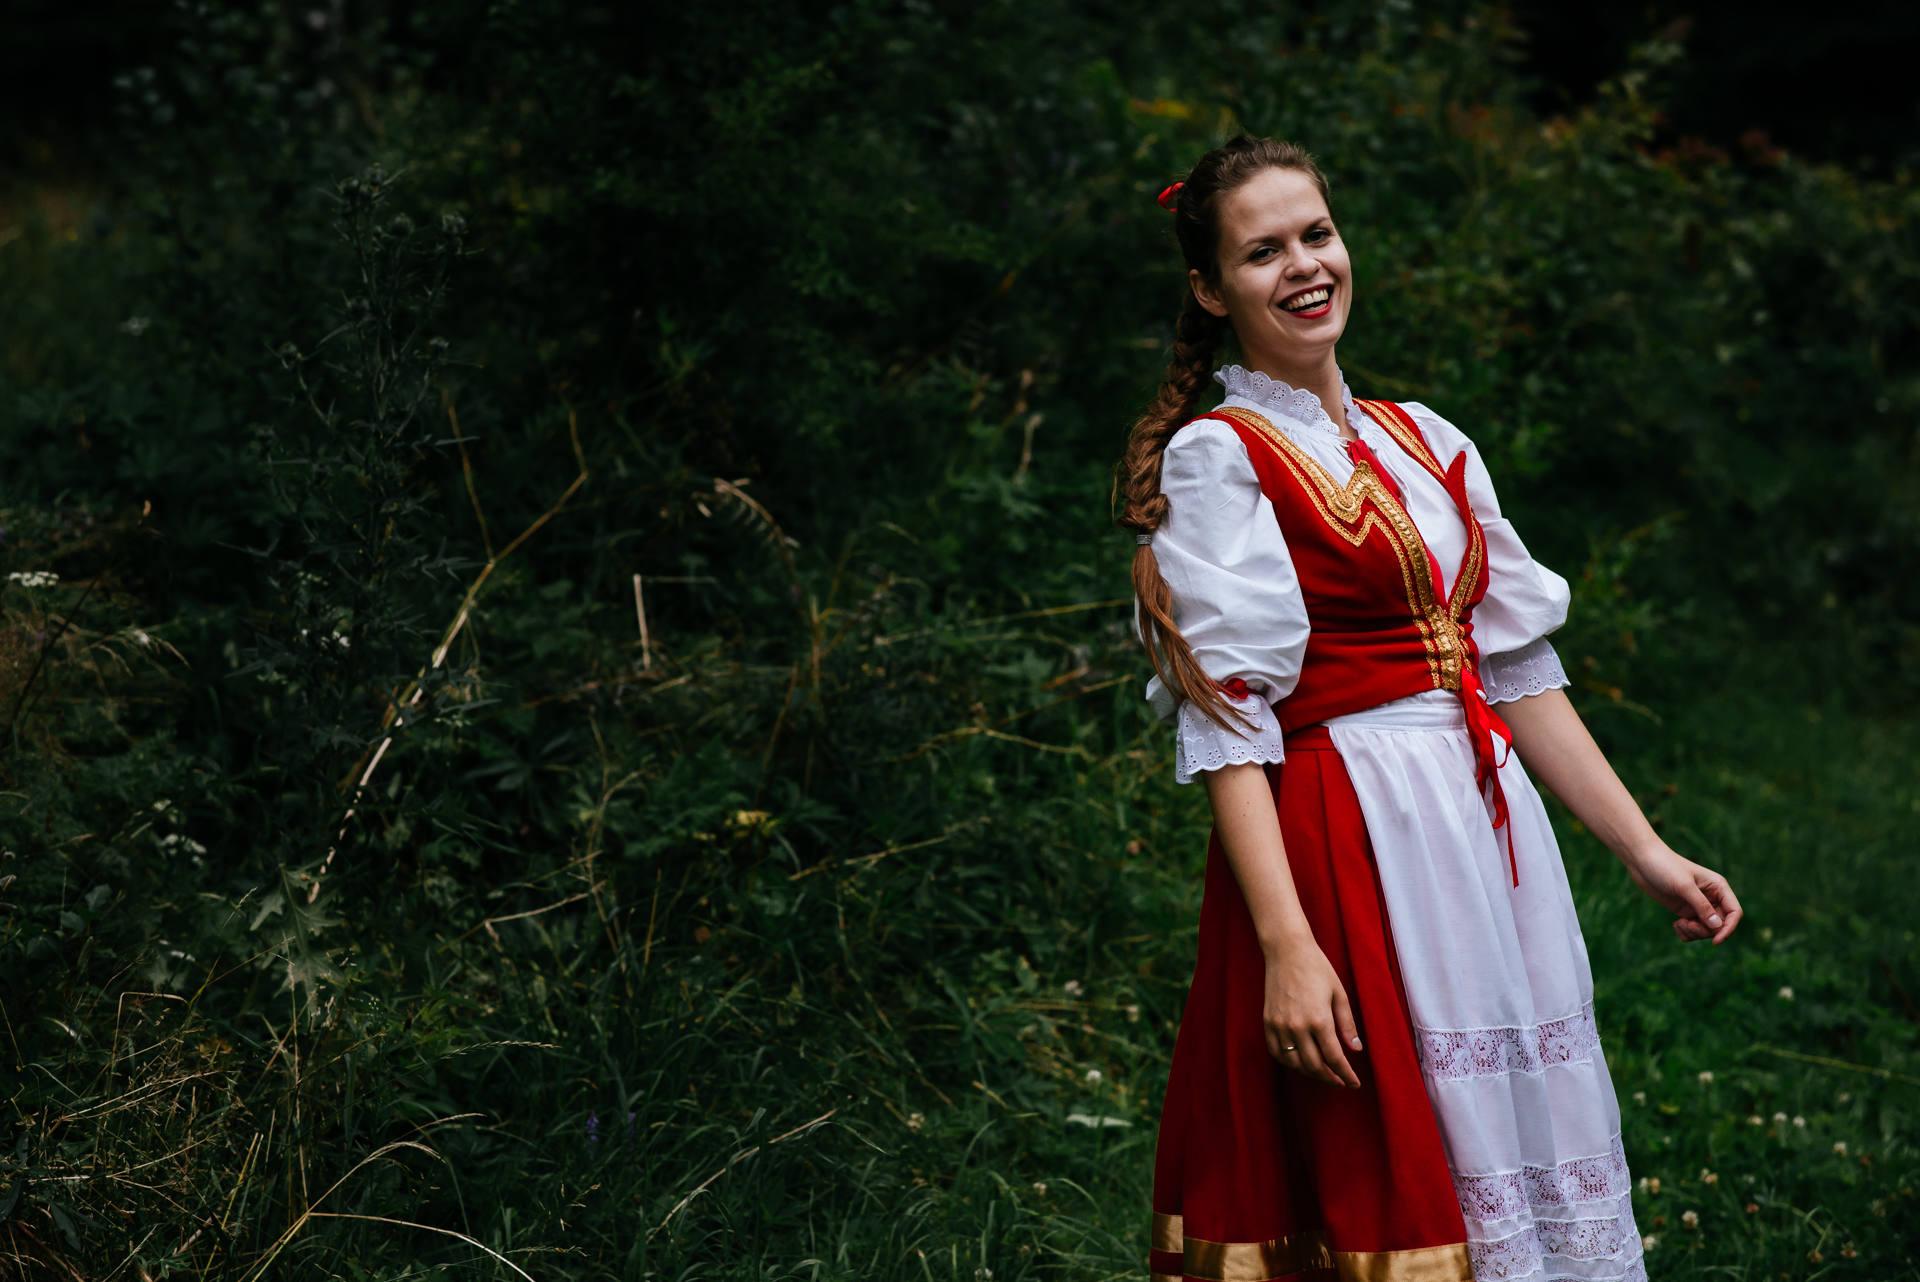 Sesja ślubna w stylu rustykalnym, z użyciem strojów ludowych, zrealizowana w skansenie na Kaszubach, w otoczeniu lasów, łąk i pól. Fot. Rafał i Magda Nitychoruk